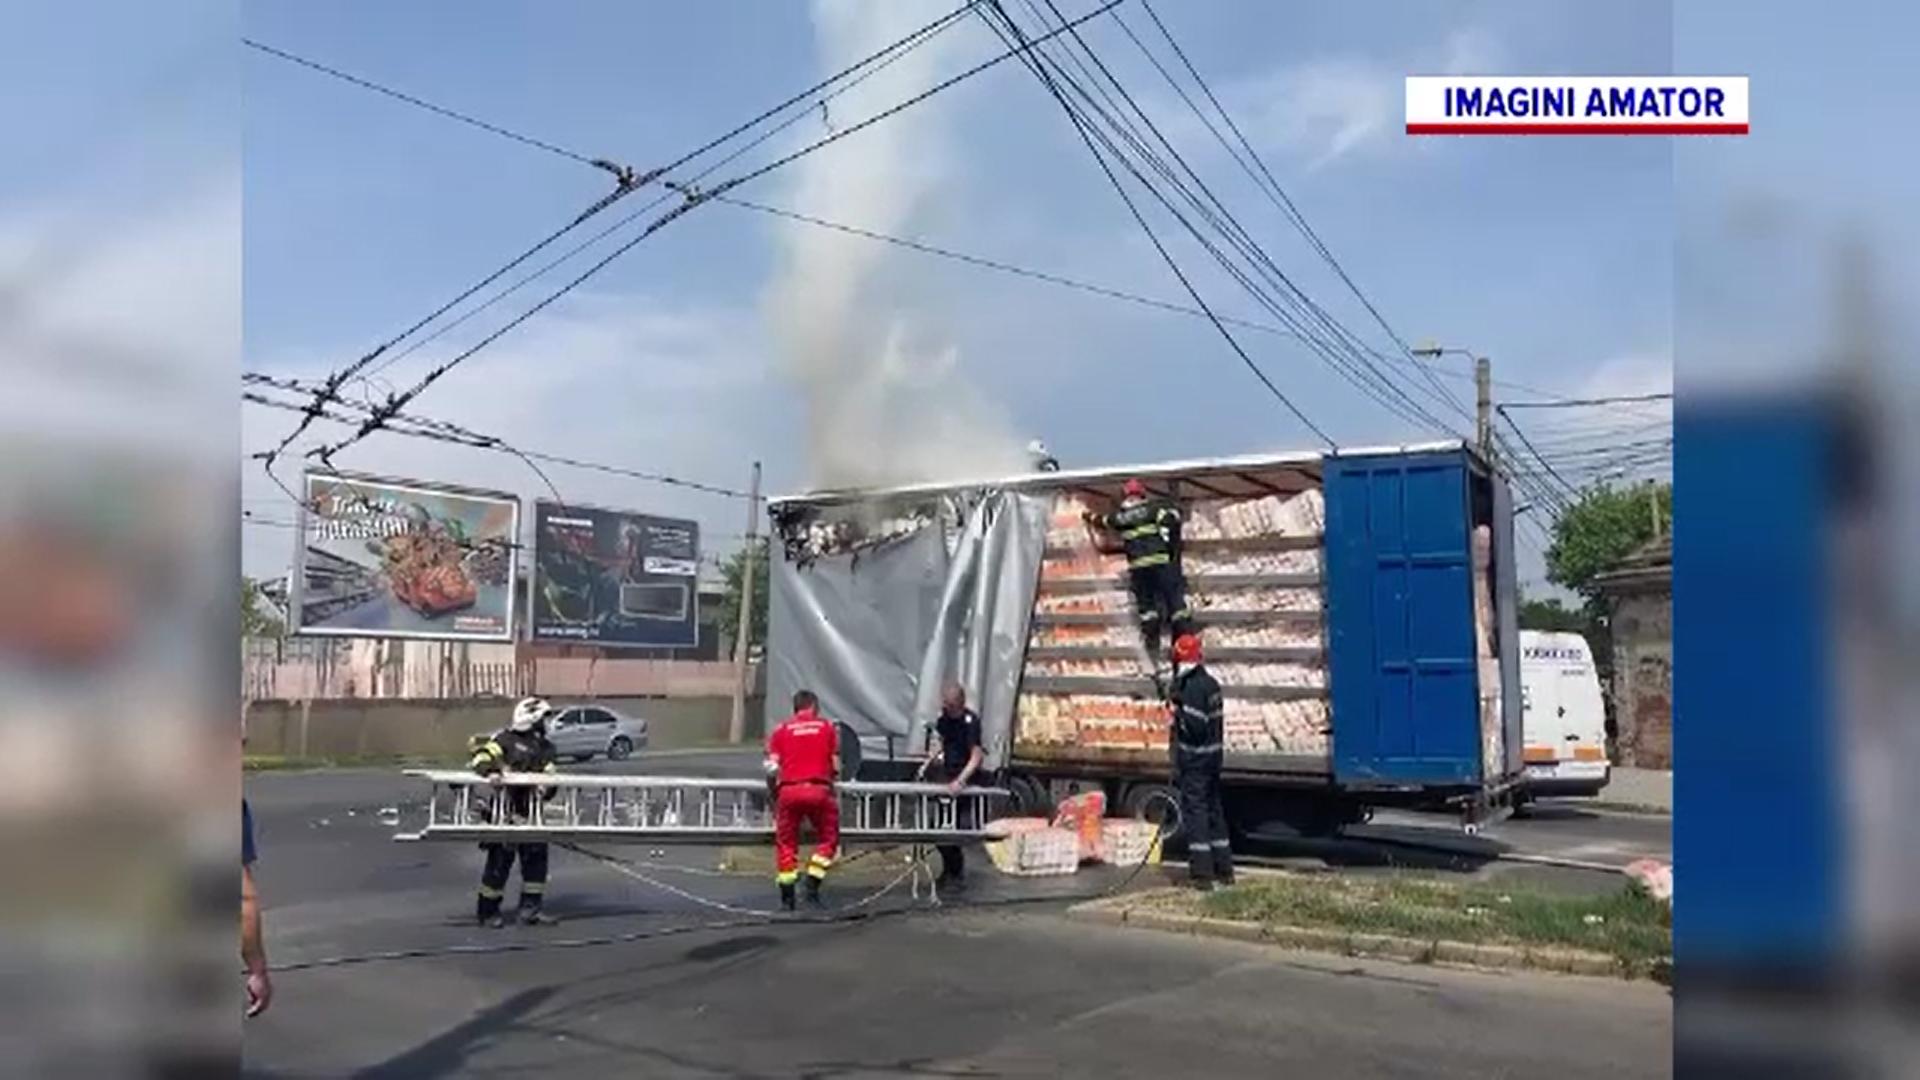 Remorca unui TIR care transporta hârtie igienică și șervețele a luat foc la Timișoara